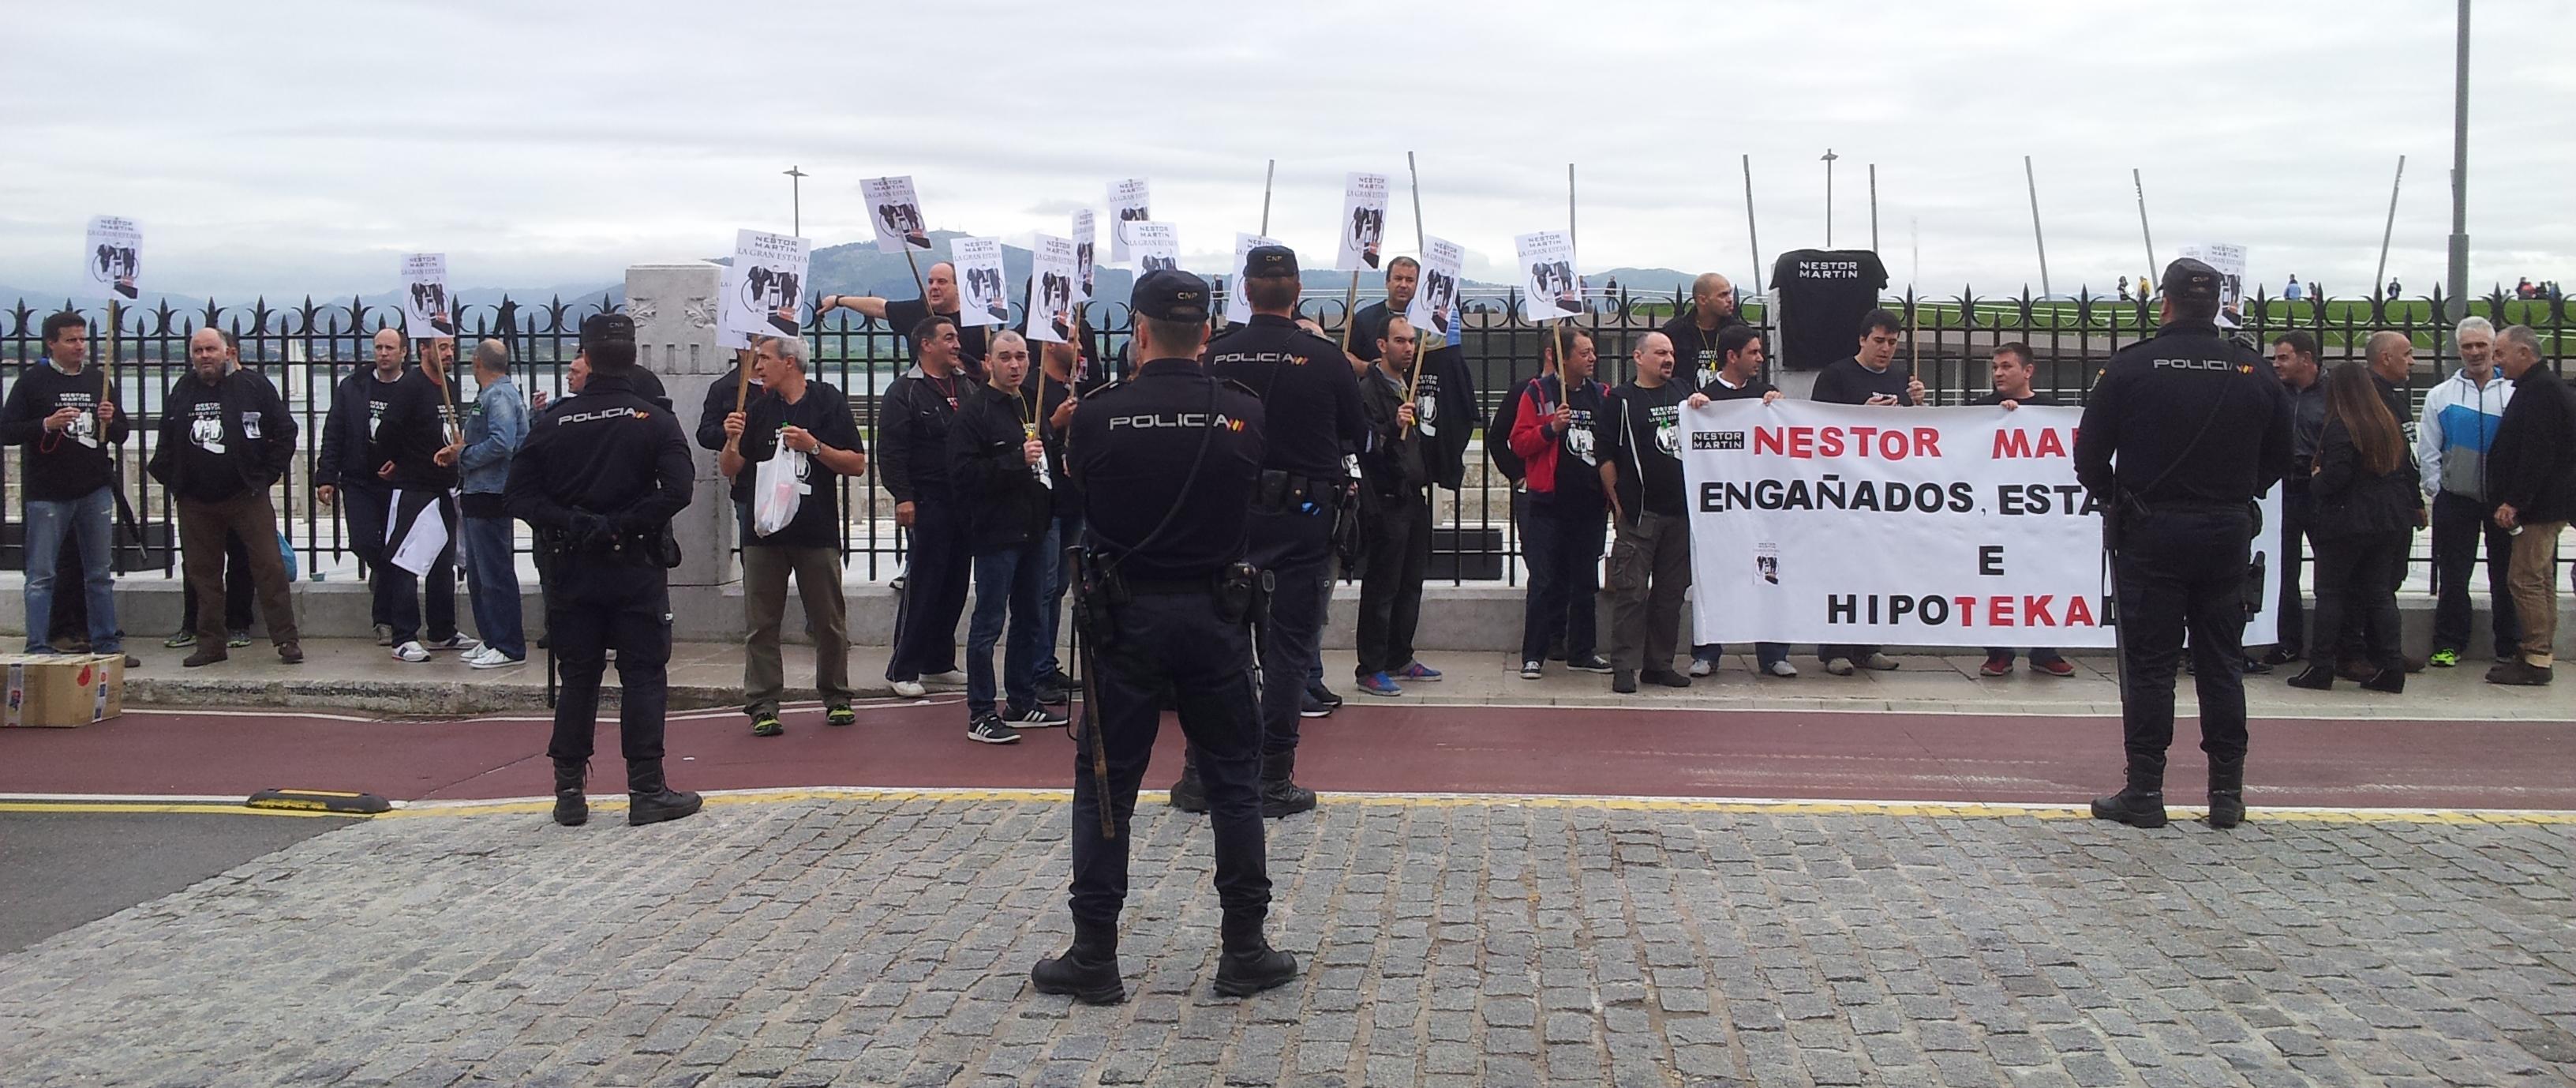 Los trabajadores de Néstor Marin intentaron hablar en campaña con Mariano Rajoy.